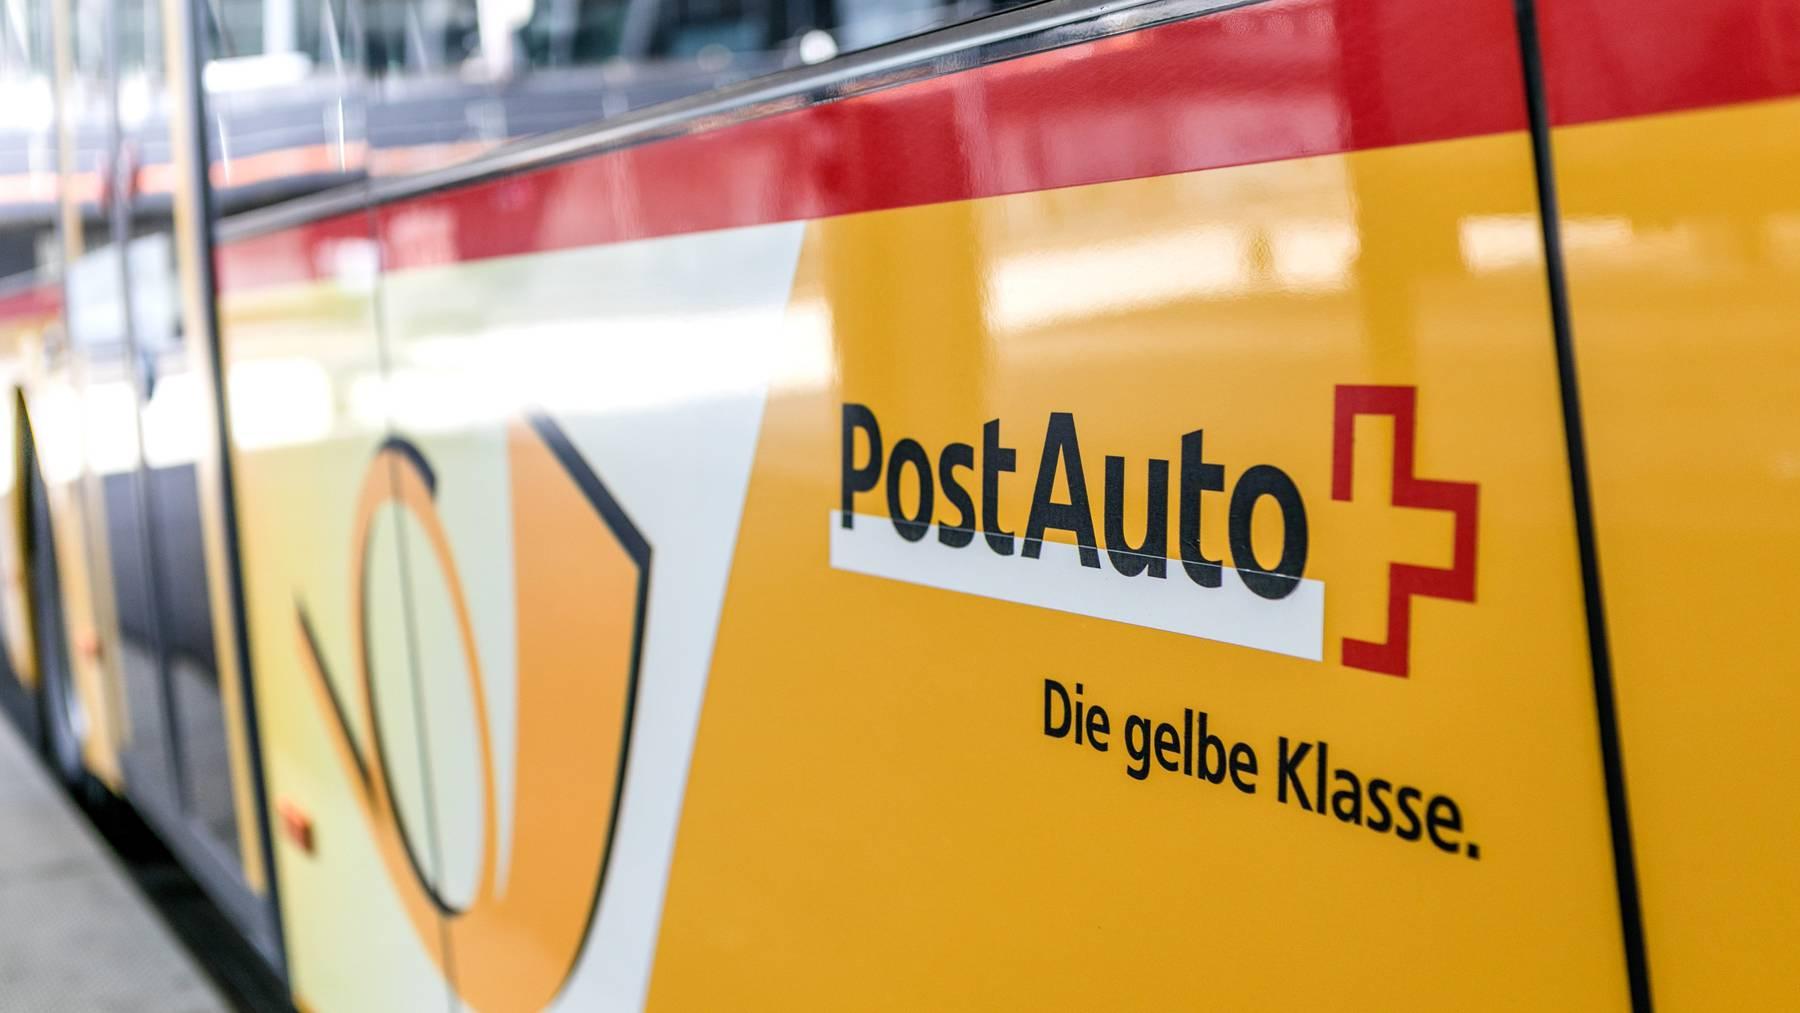 Postautos sind ab Montag wieder vermehrt unterwegs.